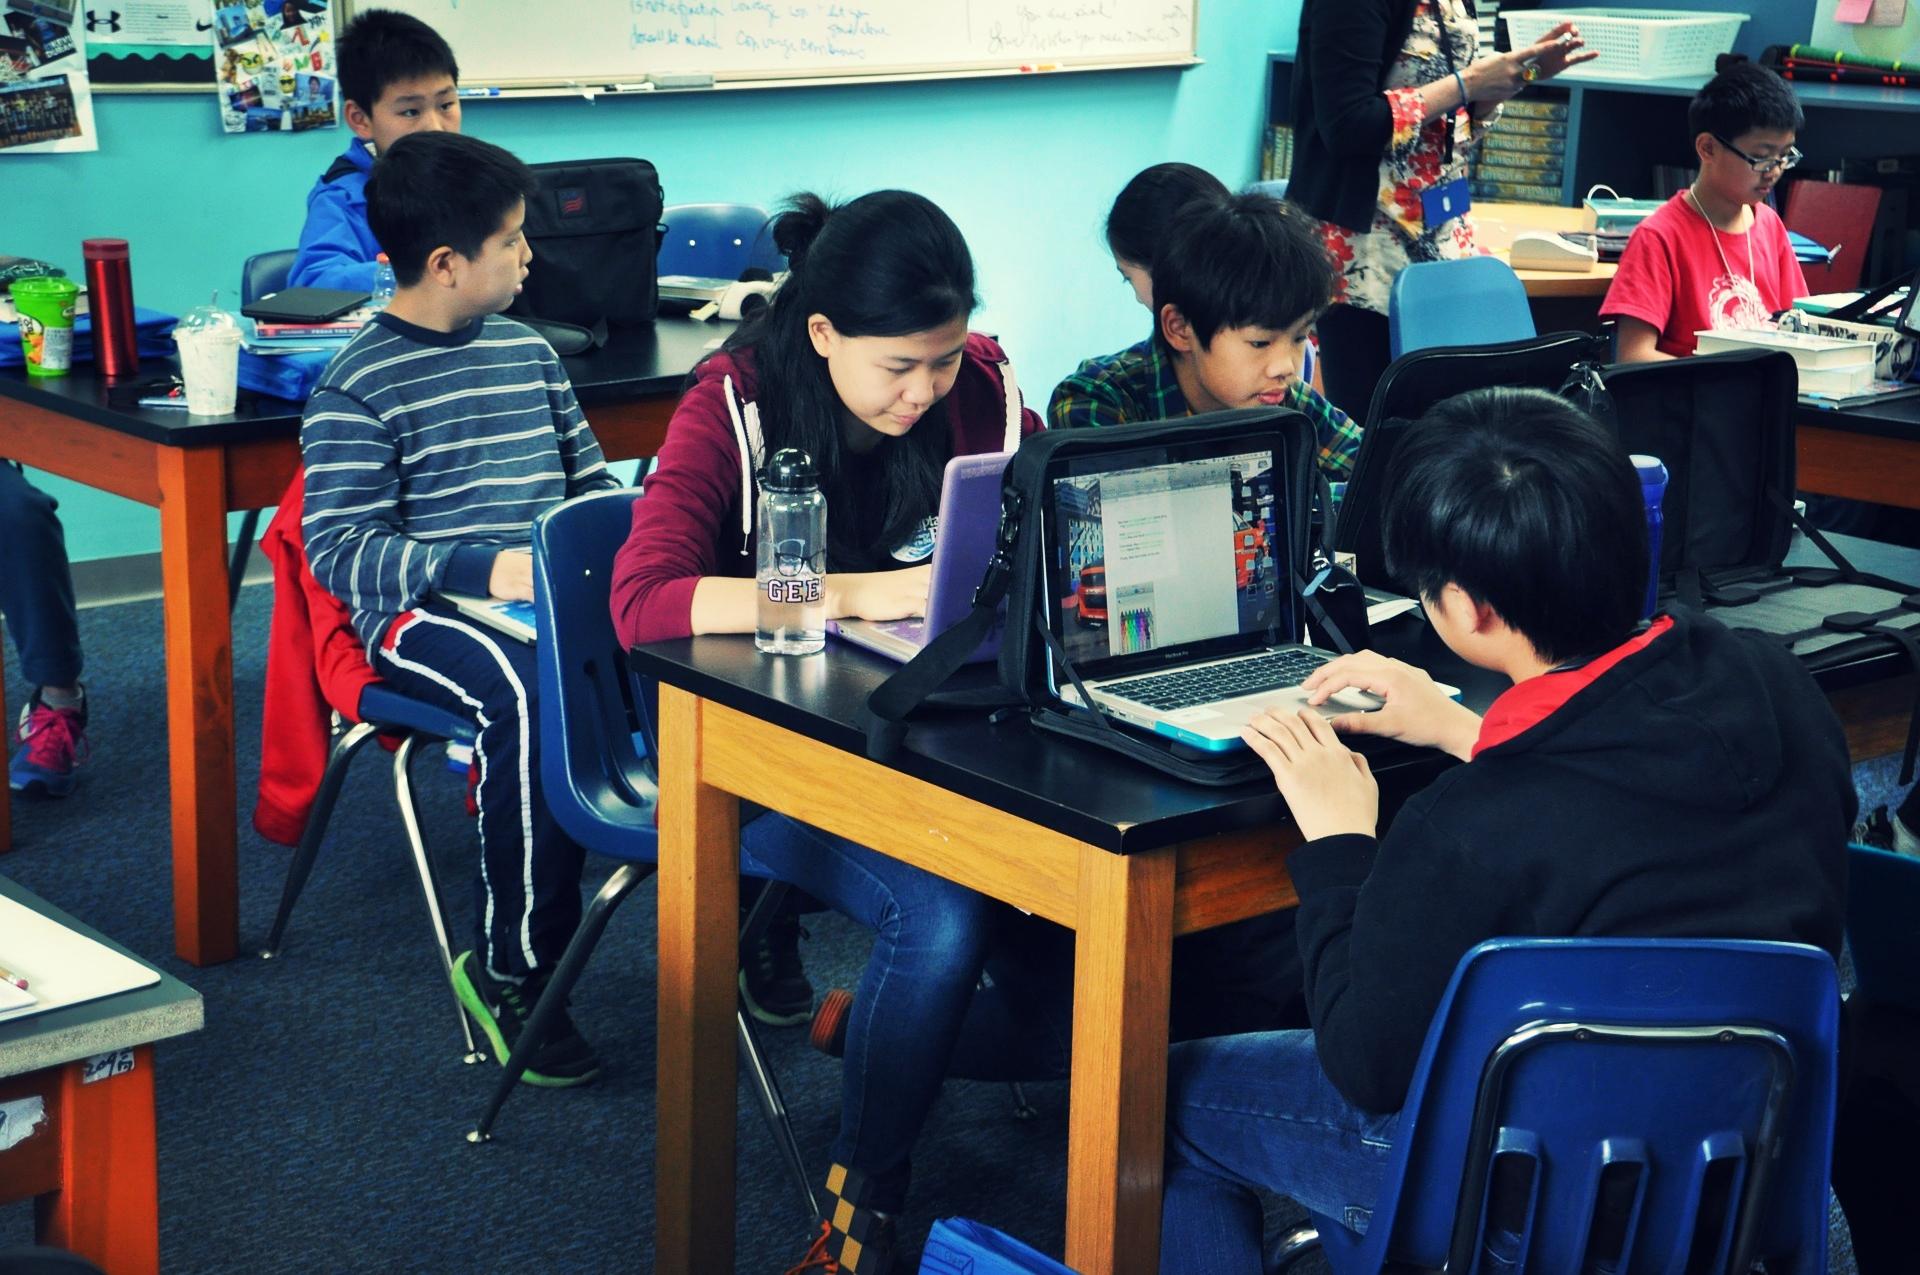 El IV Estudio sobre el uso de la Tecnología en la Educación tiene por objetivo analizar cómo se está llevando a cabo la integración de las TIC en el ecosistema educativo y cómo está afectando al proceso de enseñanza-aprendizaje. -